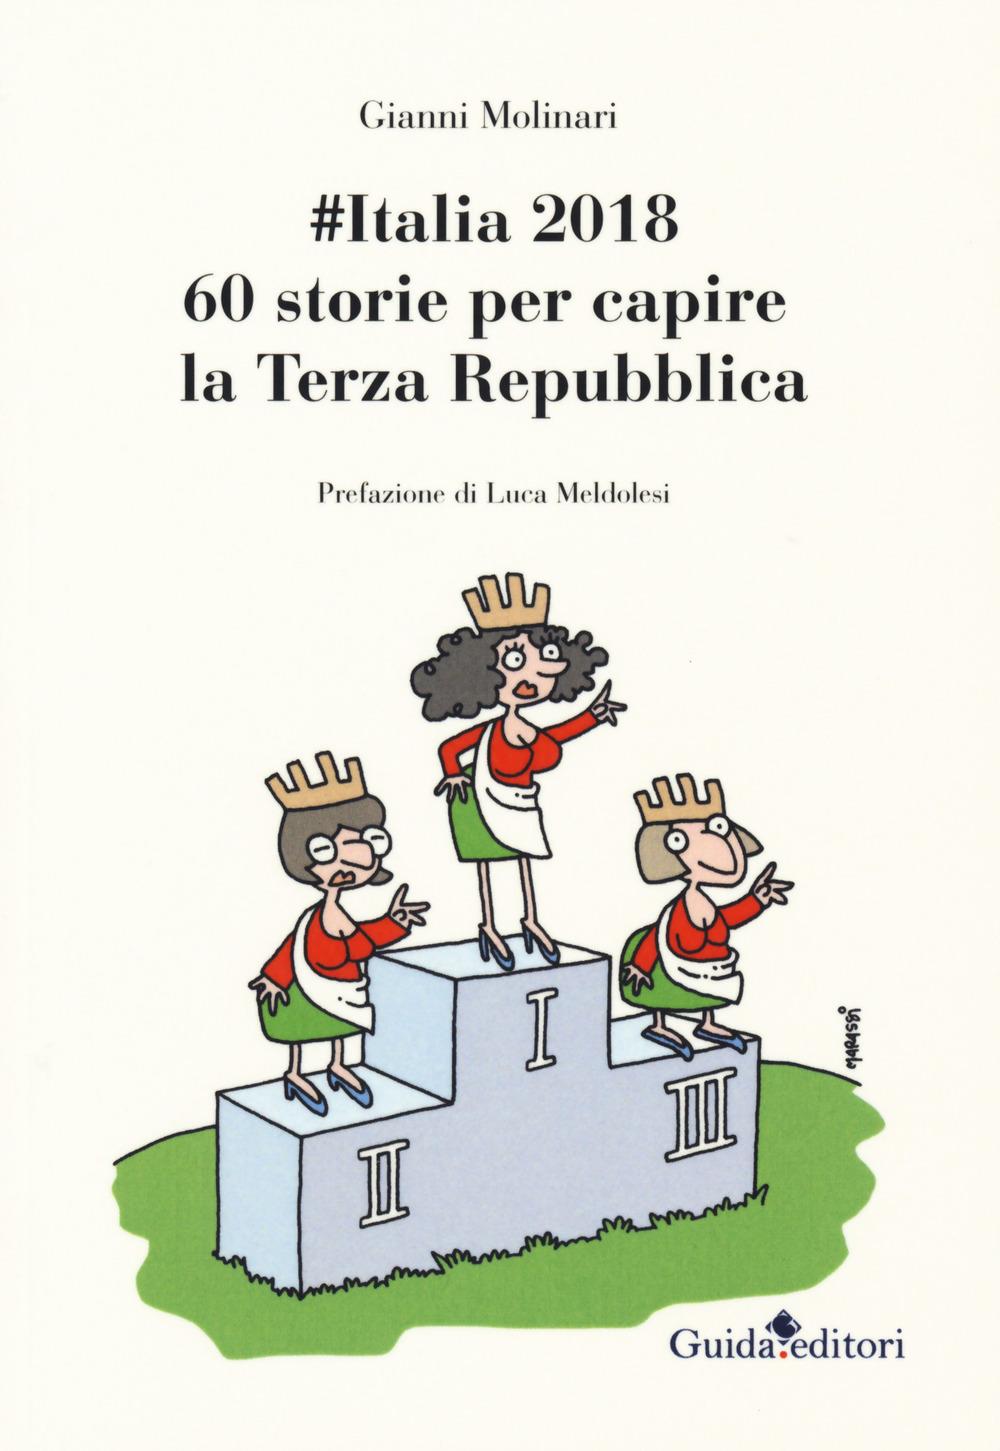 #Italia2018